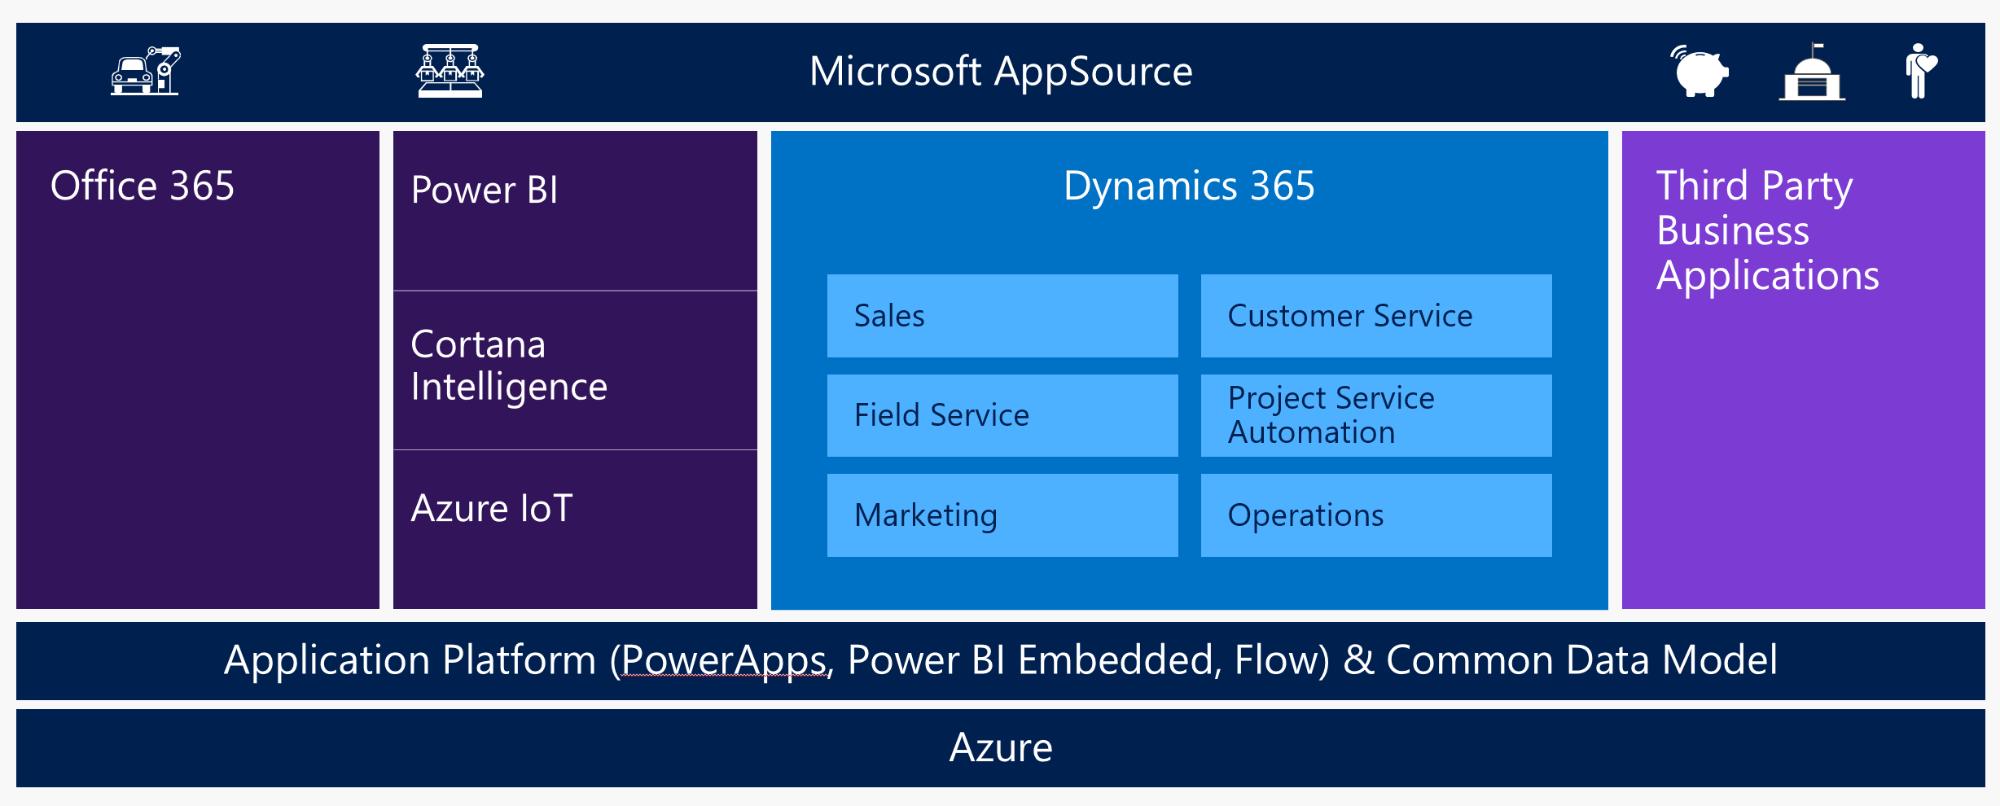 Dynamics 365 Enterprise Edition landscape